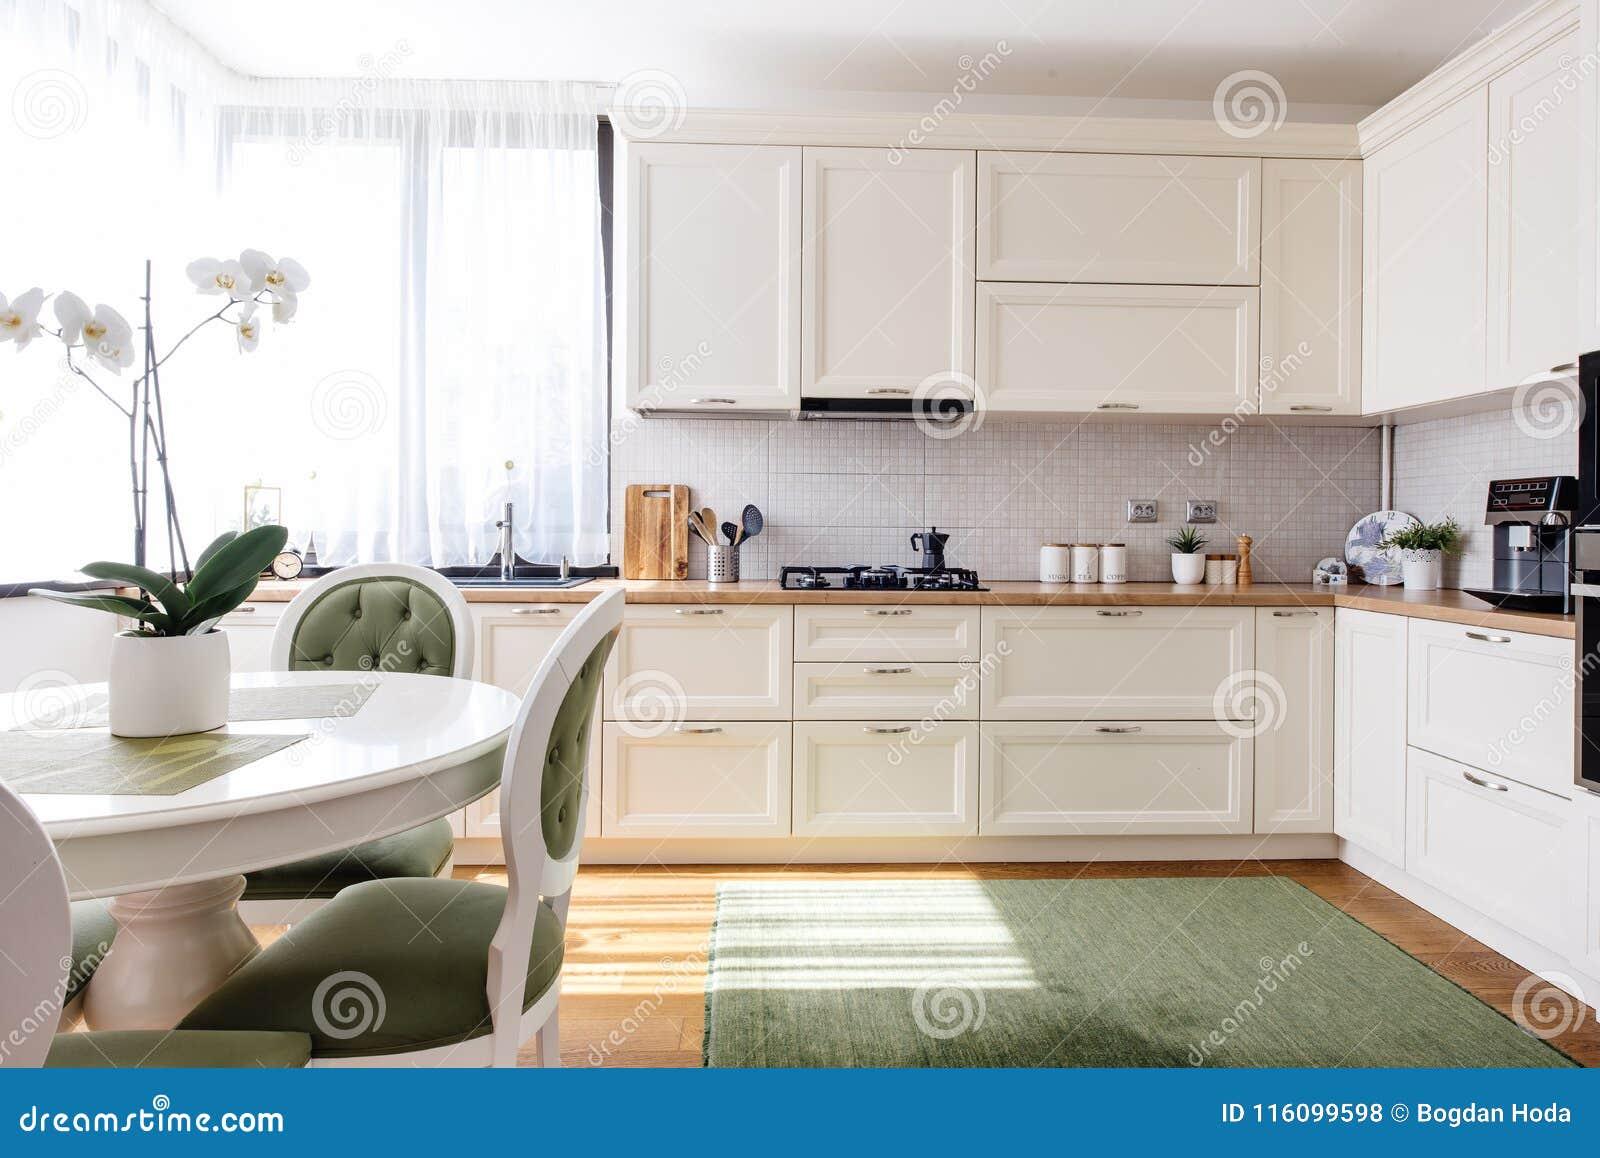 Σύγχρονο σχέδιο κουζινών, όμορφο εσωτερικό με το φυσικό φως και λουλούδια